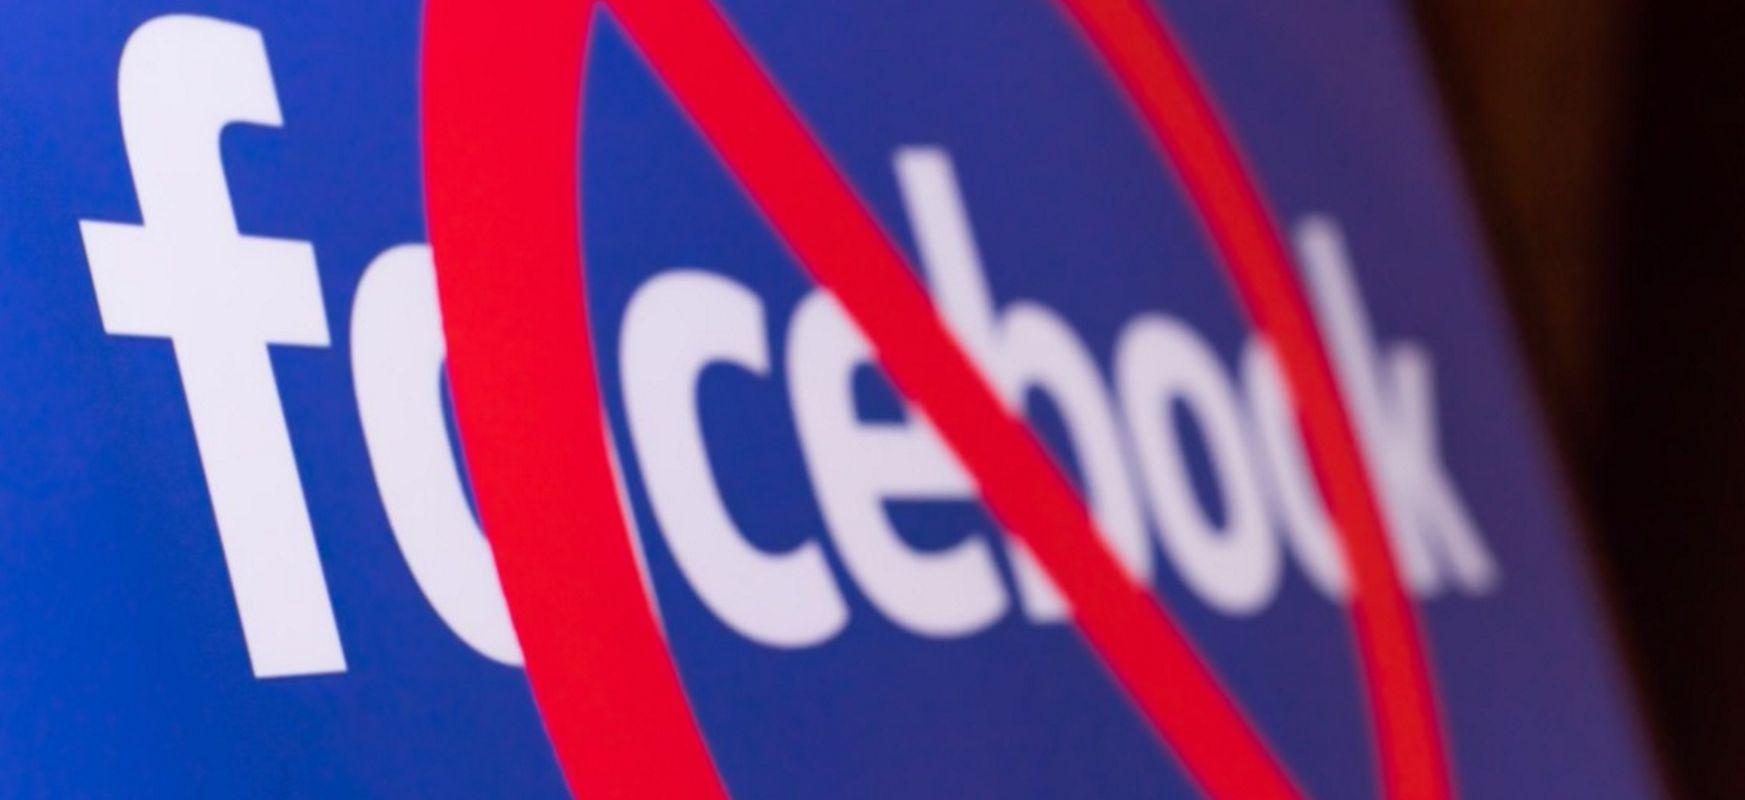 Facebook Twitter faltsu bat erakutsi zuen.  Konfiantzarako zero kreditu ematen diot